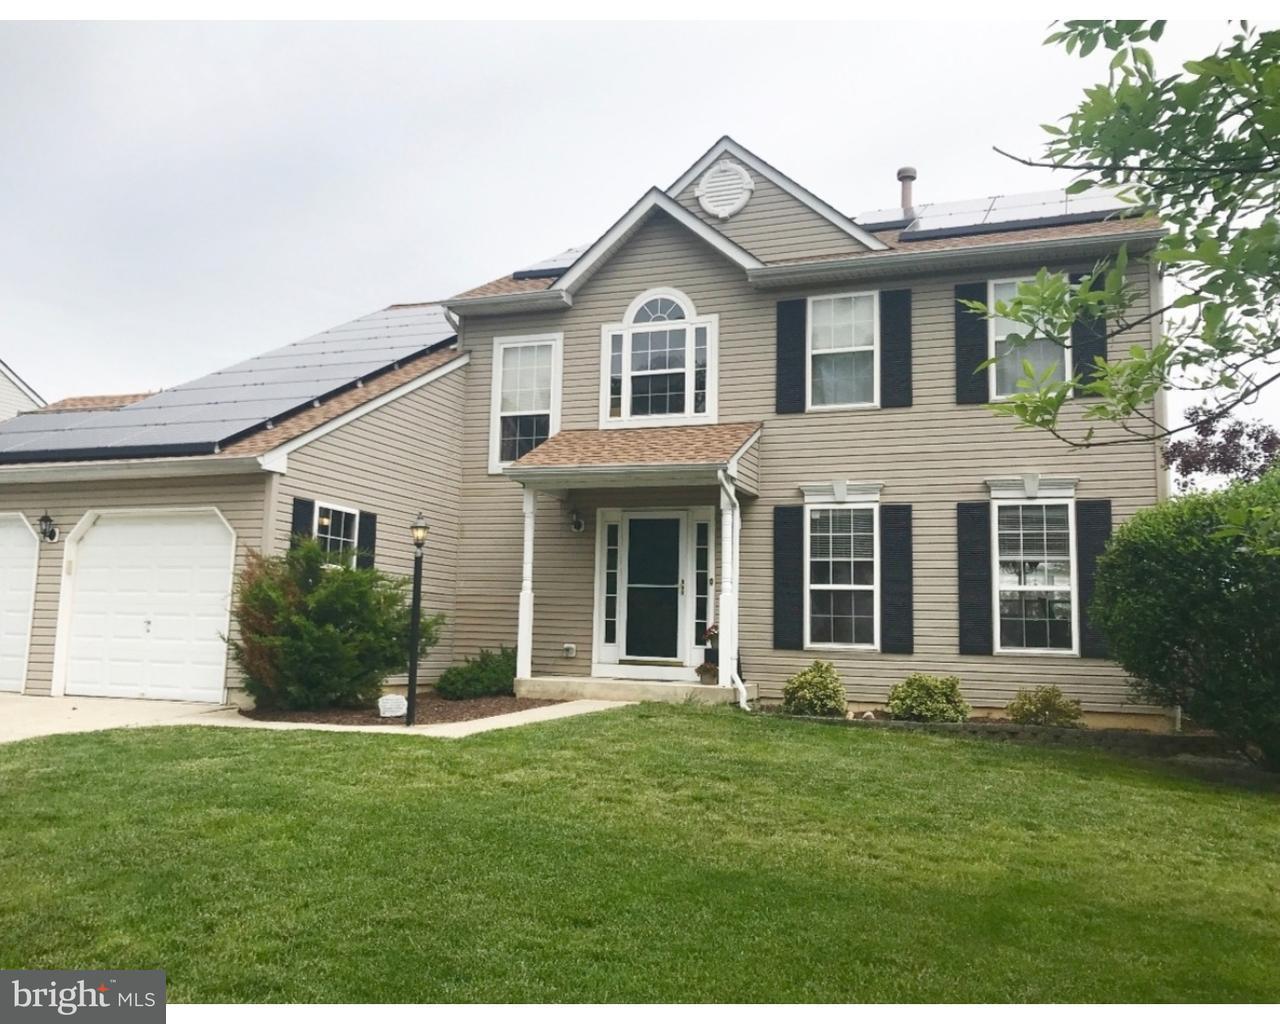 Casa Unifamiliar por un Venta en 447 MOORE BLVD Clayton, Nueva Jersey 08312 Estados Unidos